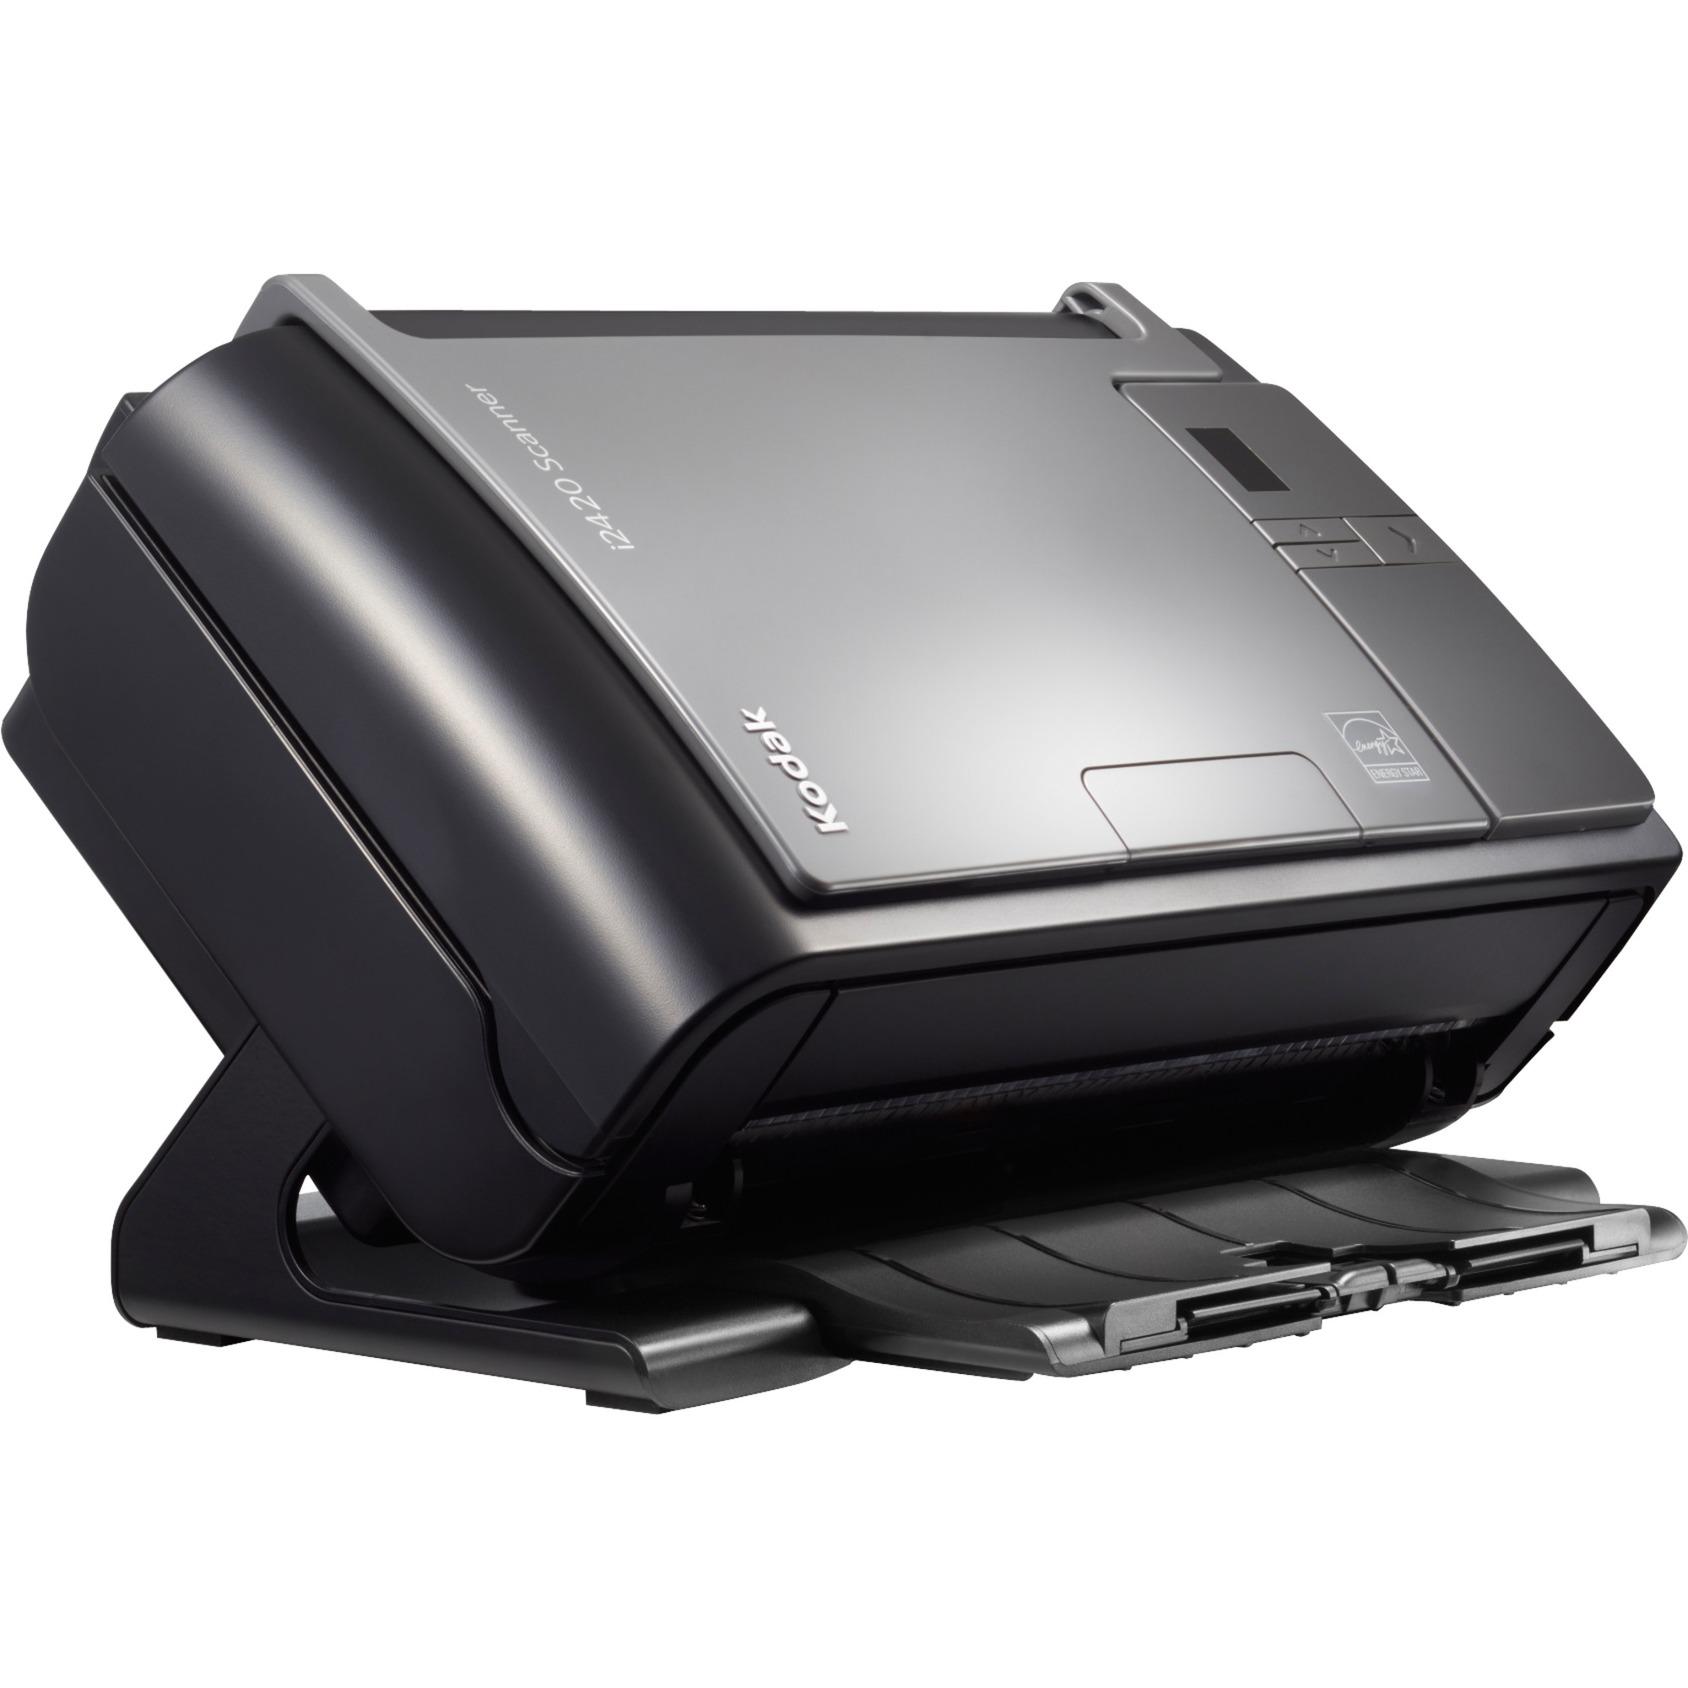 i2420 Escáner con alimentador automático de documentos (ADF) 600 x 600DPI A4 Negro, Gris, Escáner de alimentación de hojas